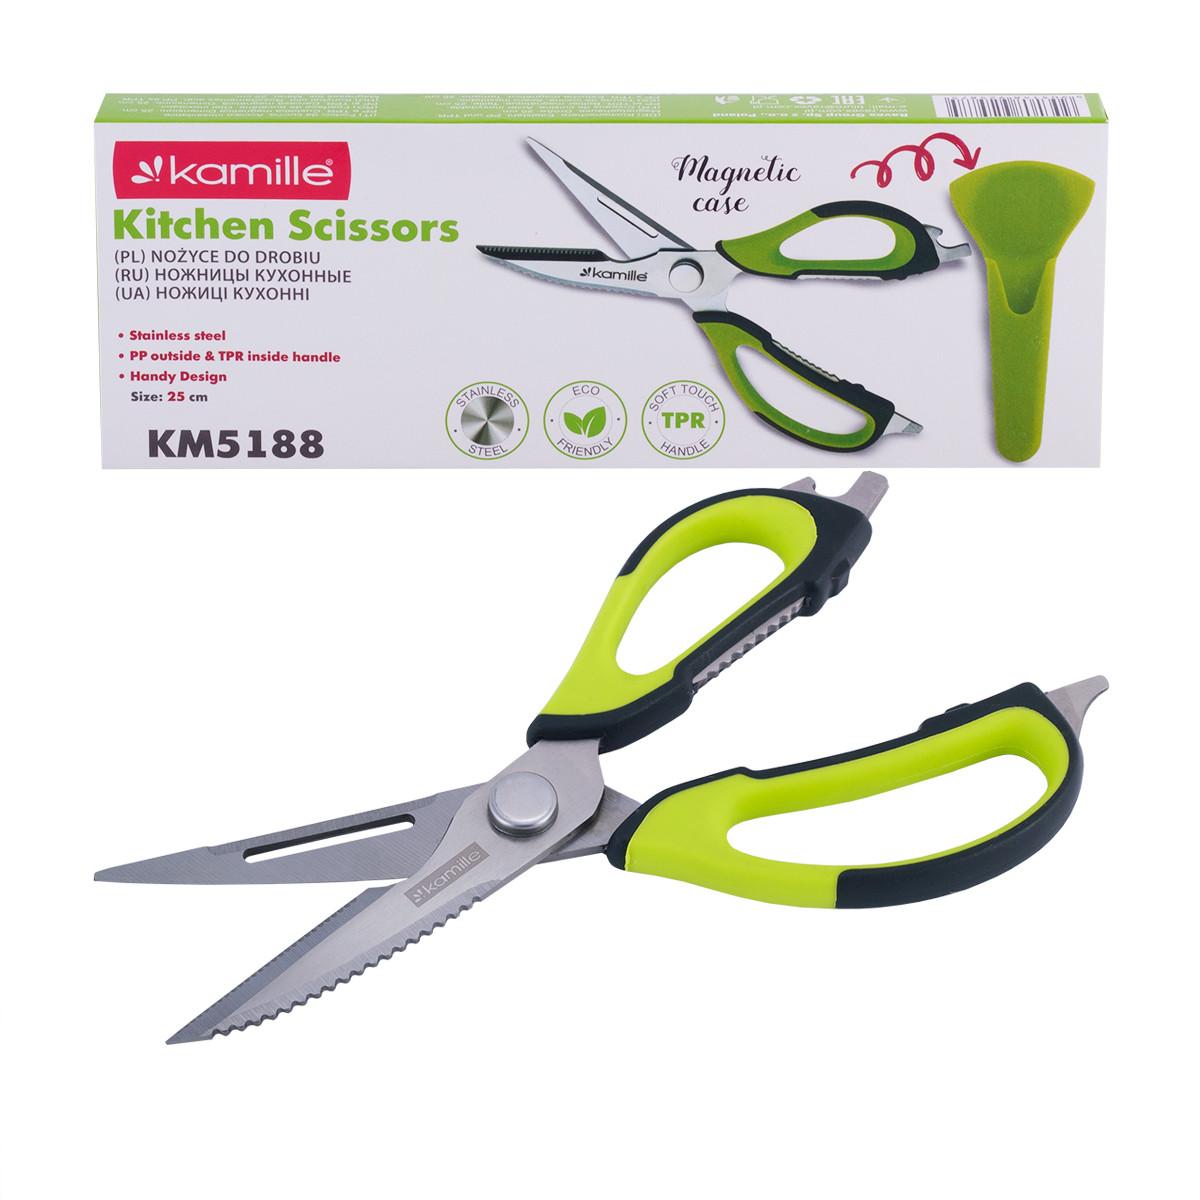 Ножницы Kamille универсальные 25см из нержавеющей стали  с пластиковыми ручками и чехлом KM-5188